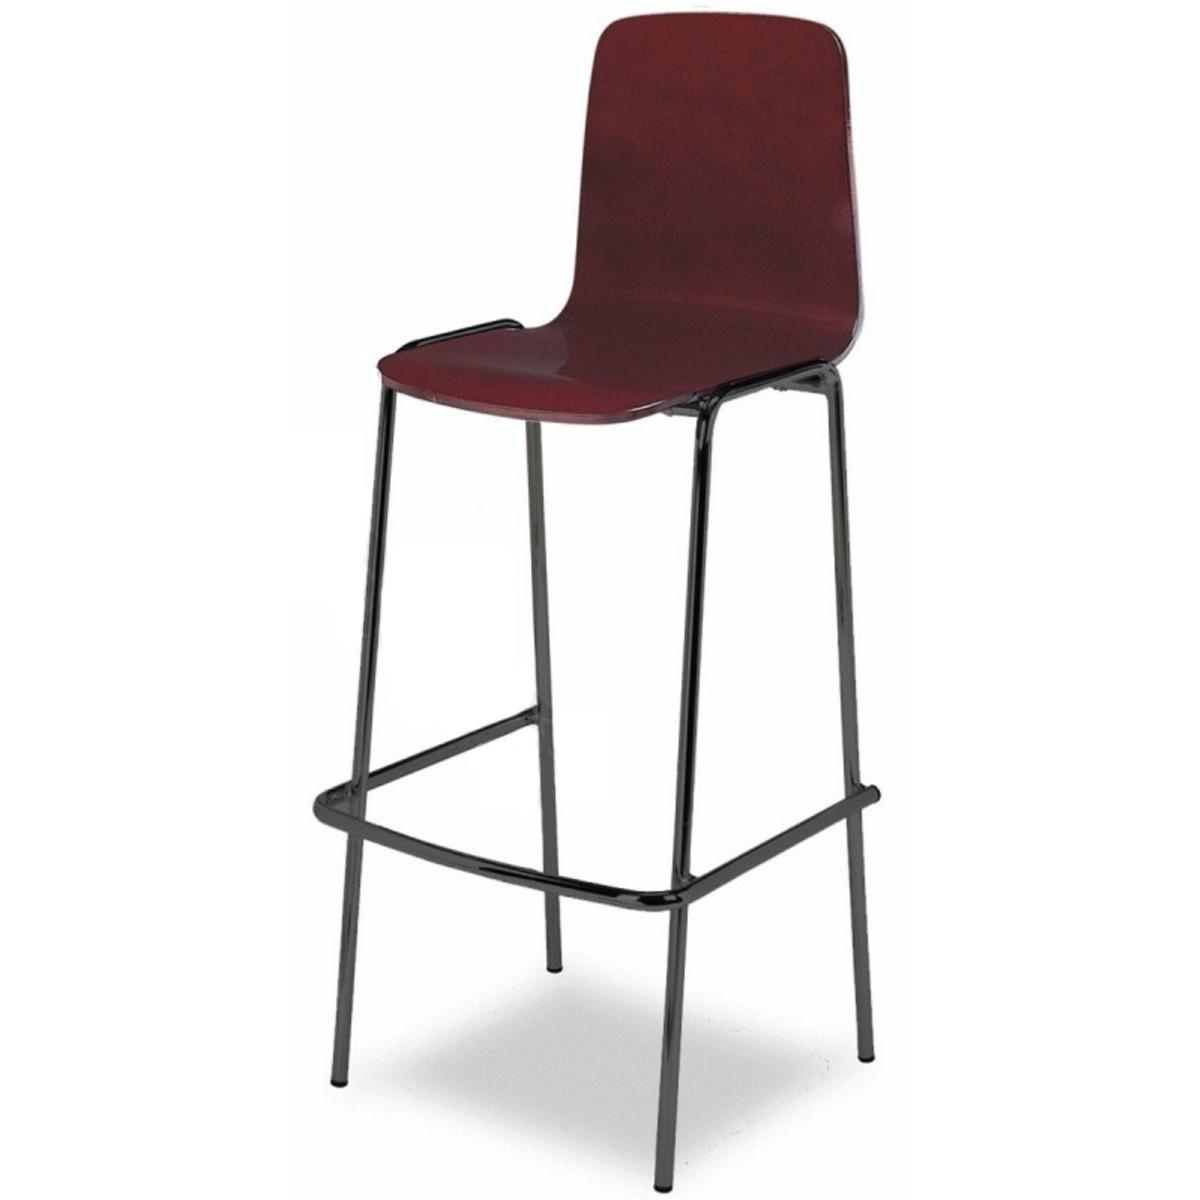 Taburete bar aluminio con respaldo y asiento en madera - Taburete para bar ...